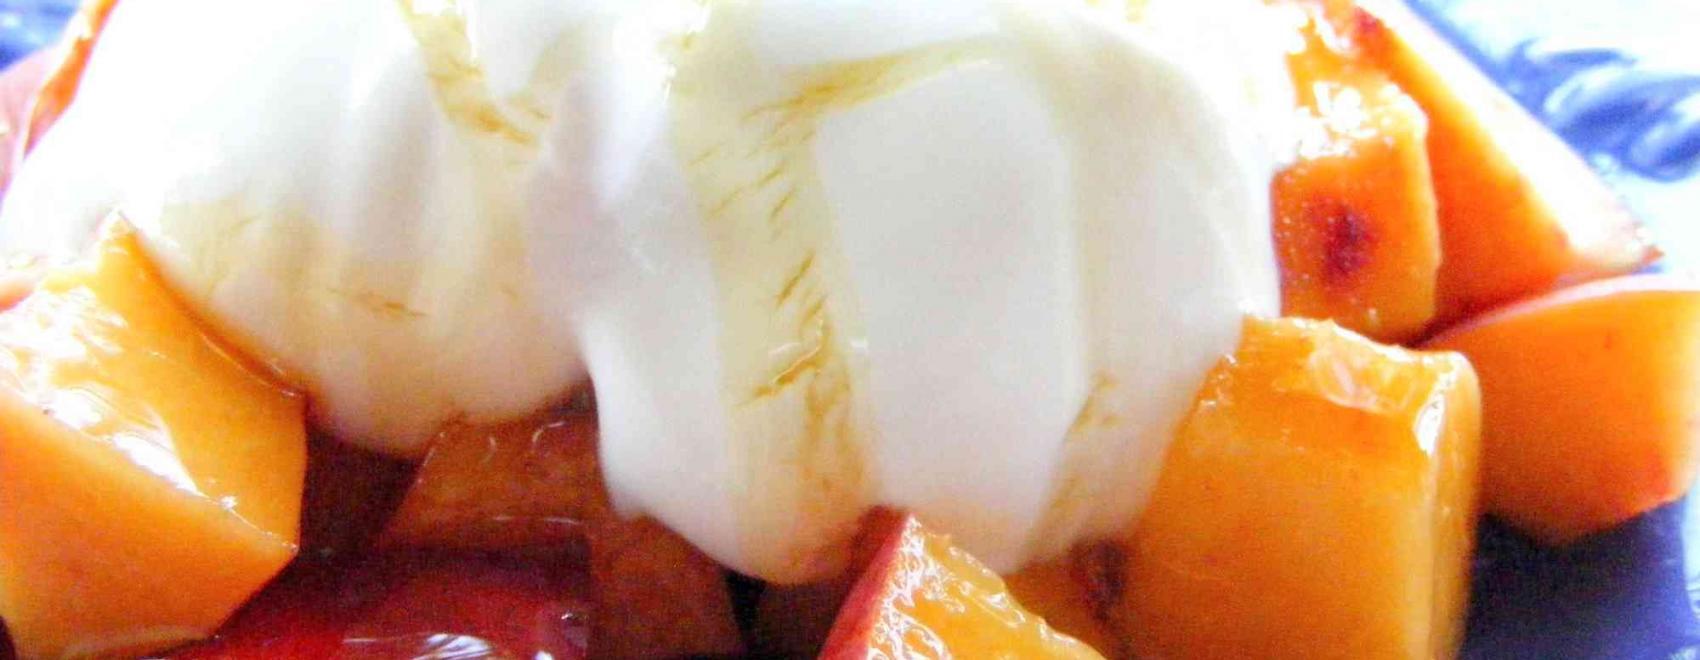 Nectarine Recipe